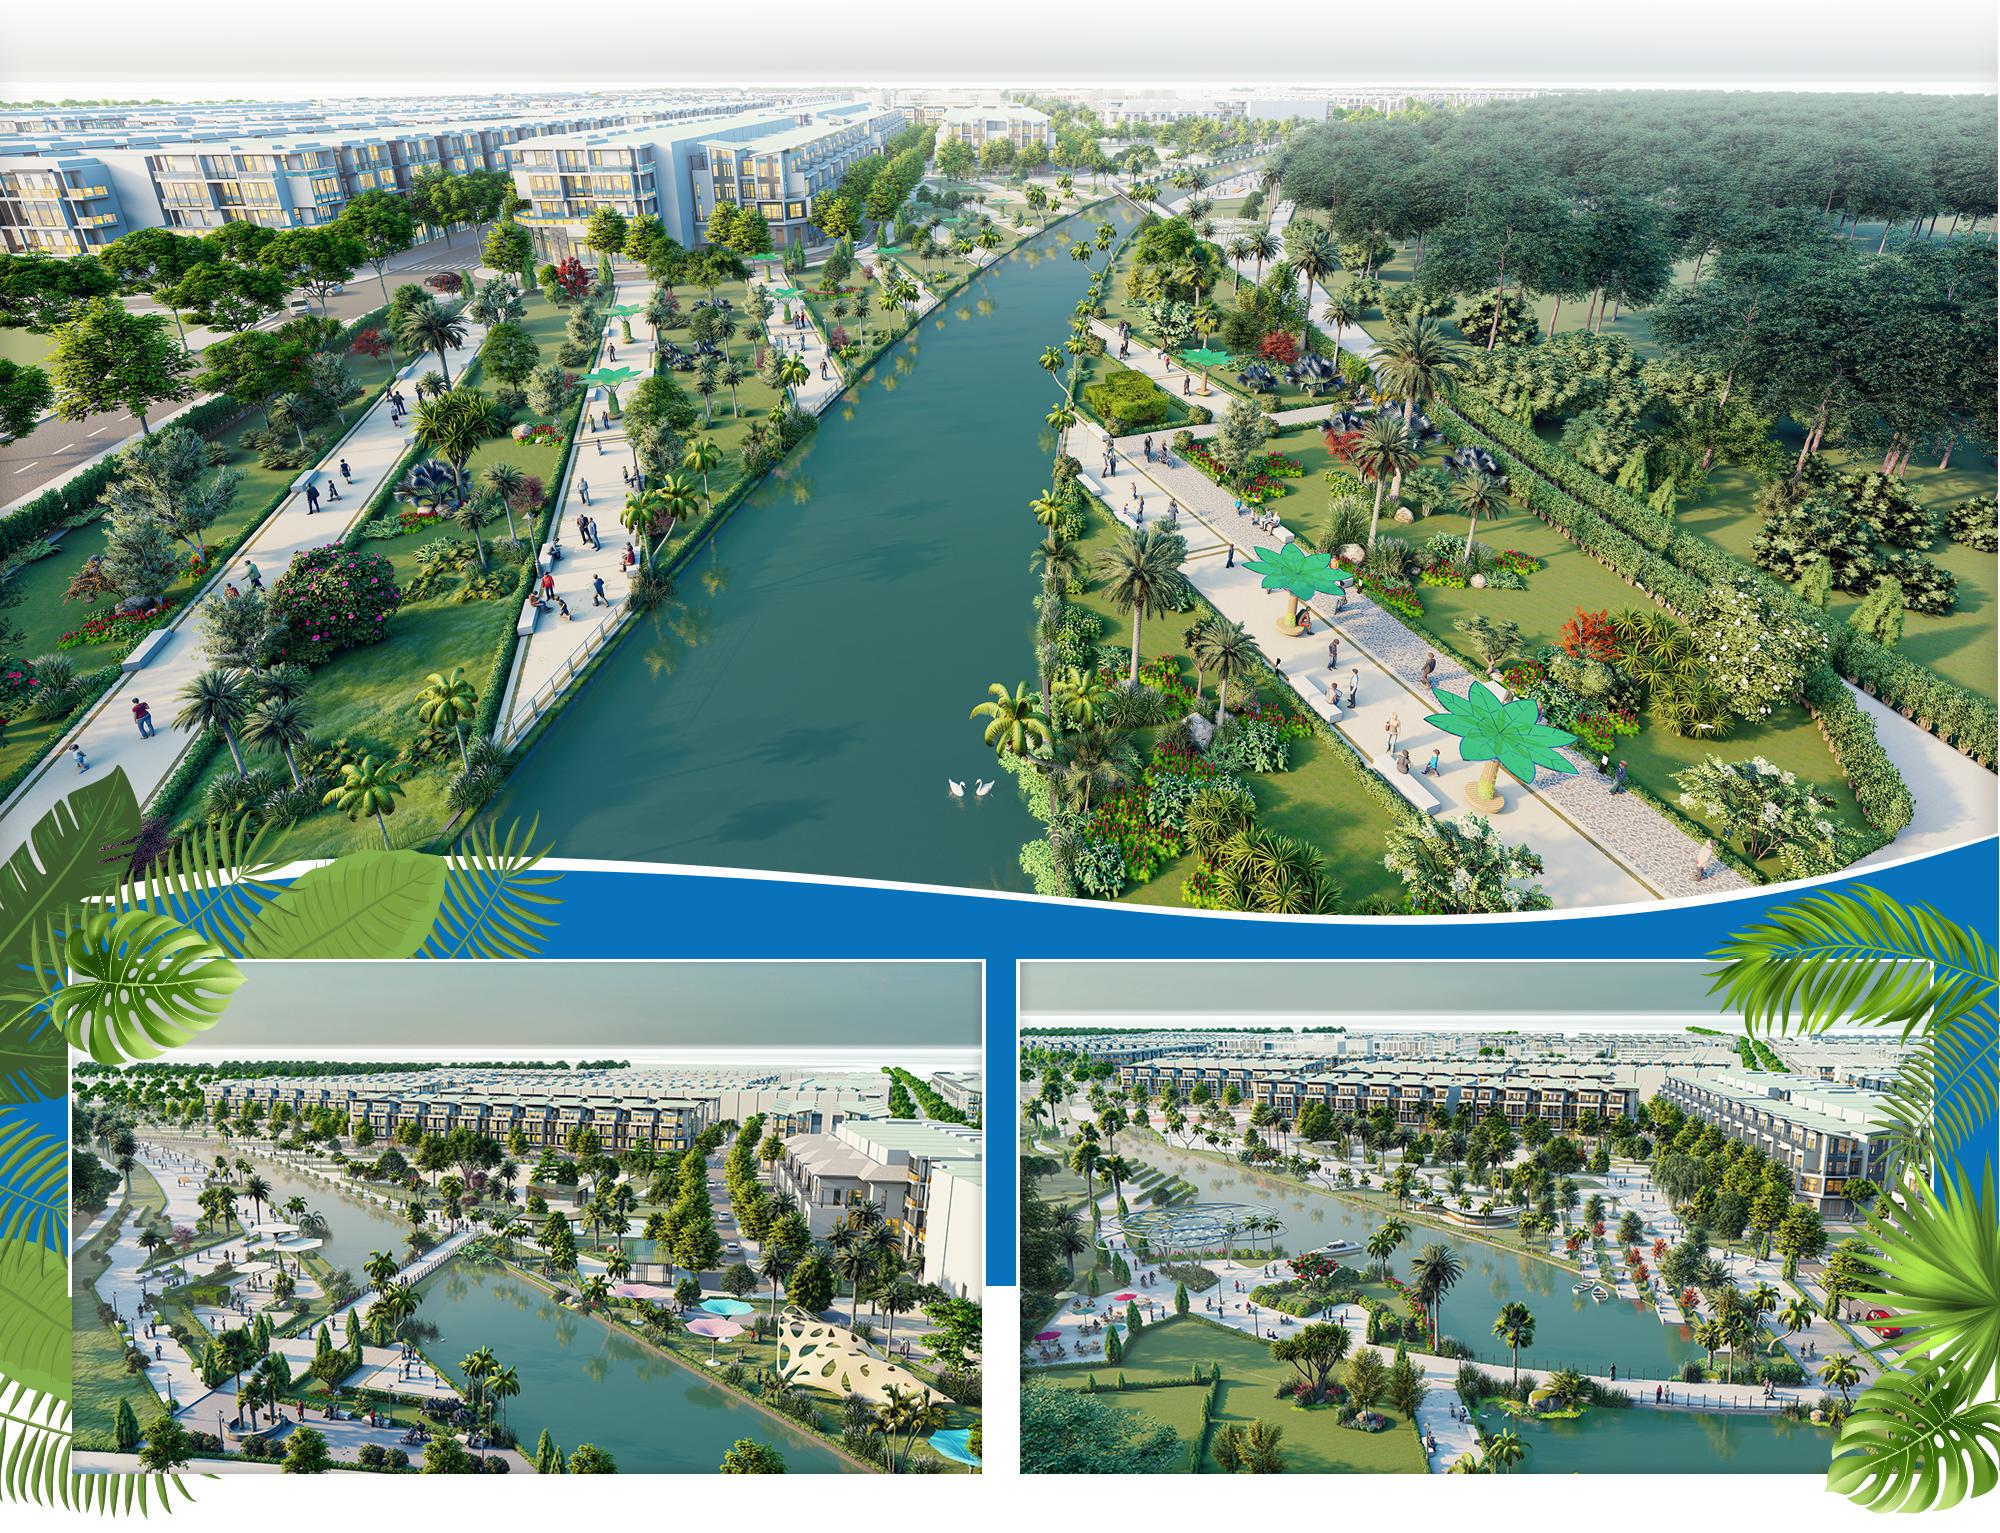 Thành phố Thiên niên kỷ T&T City Millennia – Miền đất hứa cho giấc mơ tương lai - Ảnh 9.